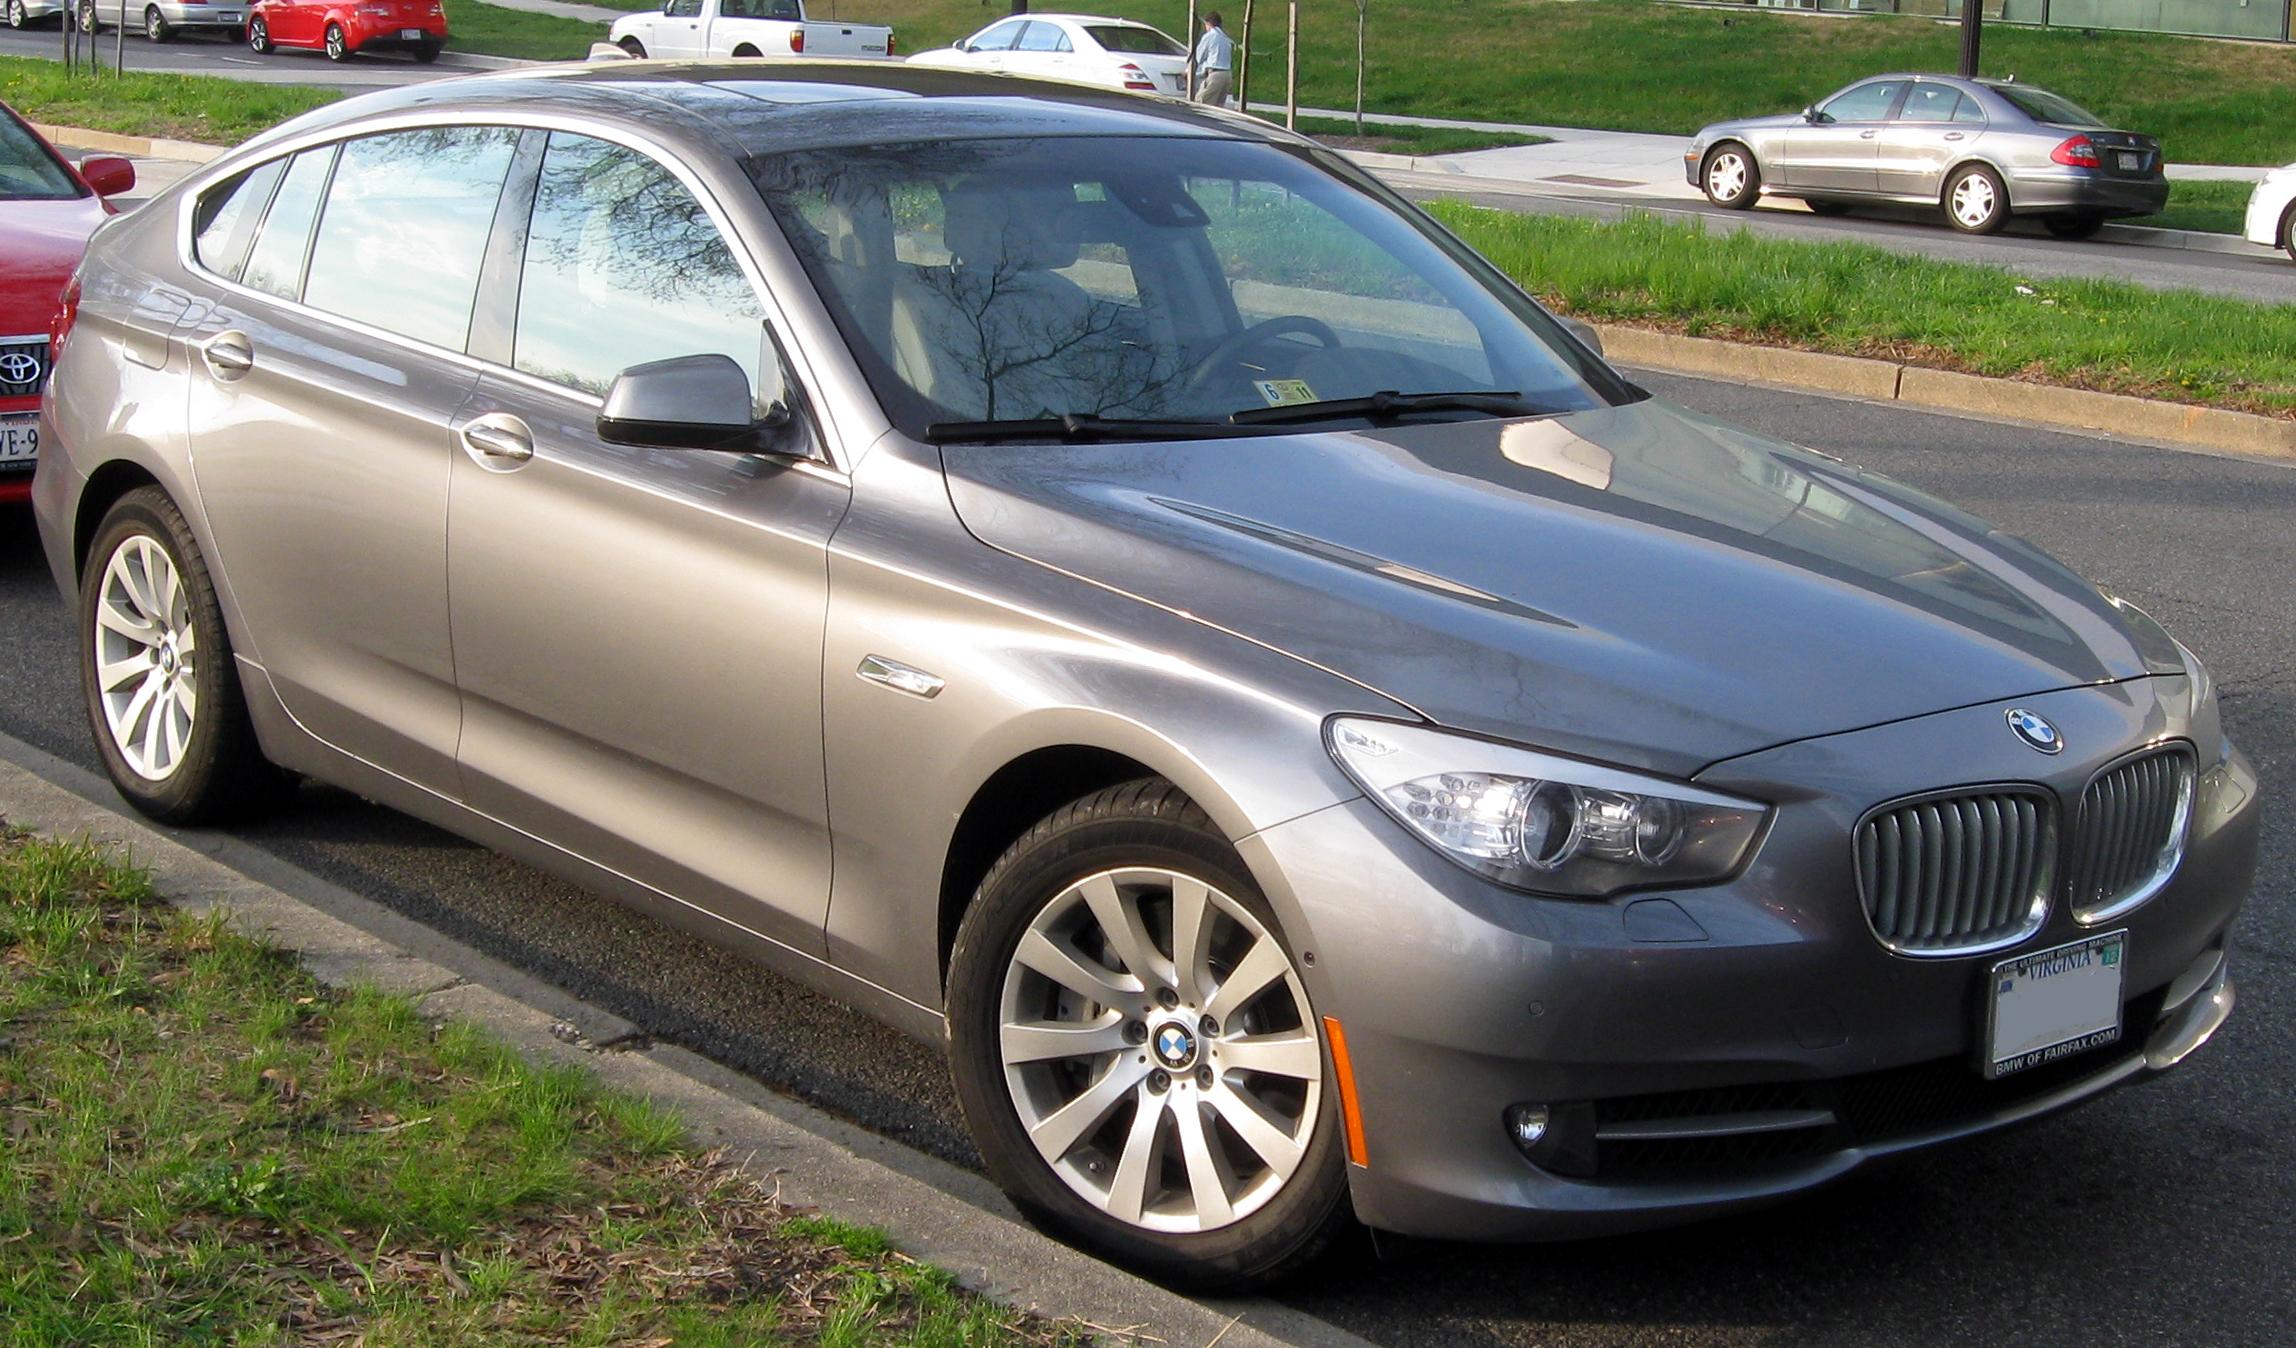 Image result for BMW 550I